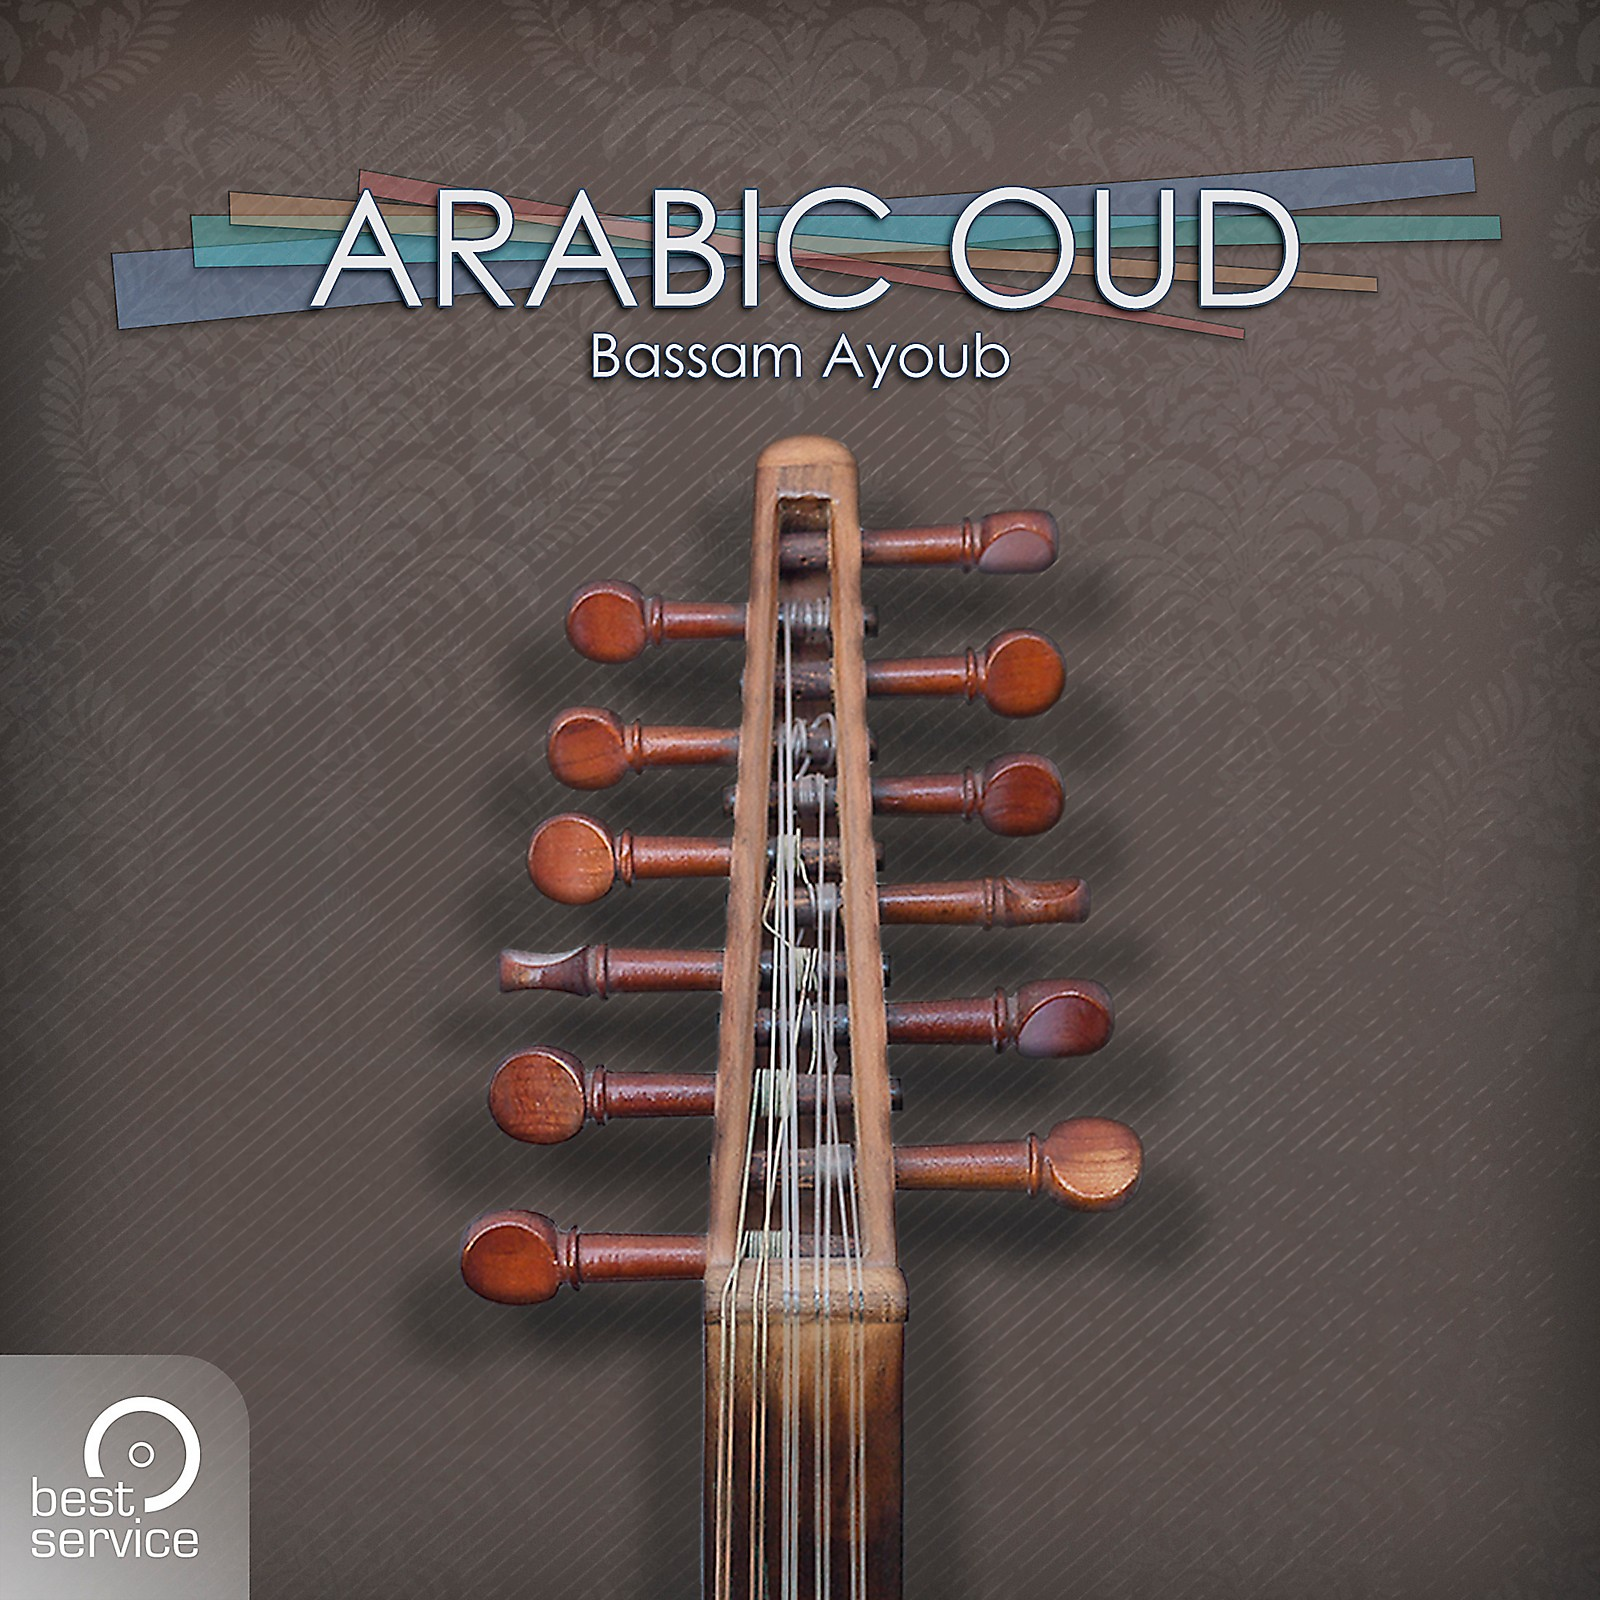 Best Service Arabic Oud